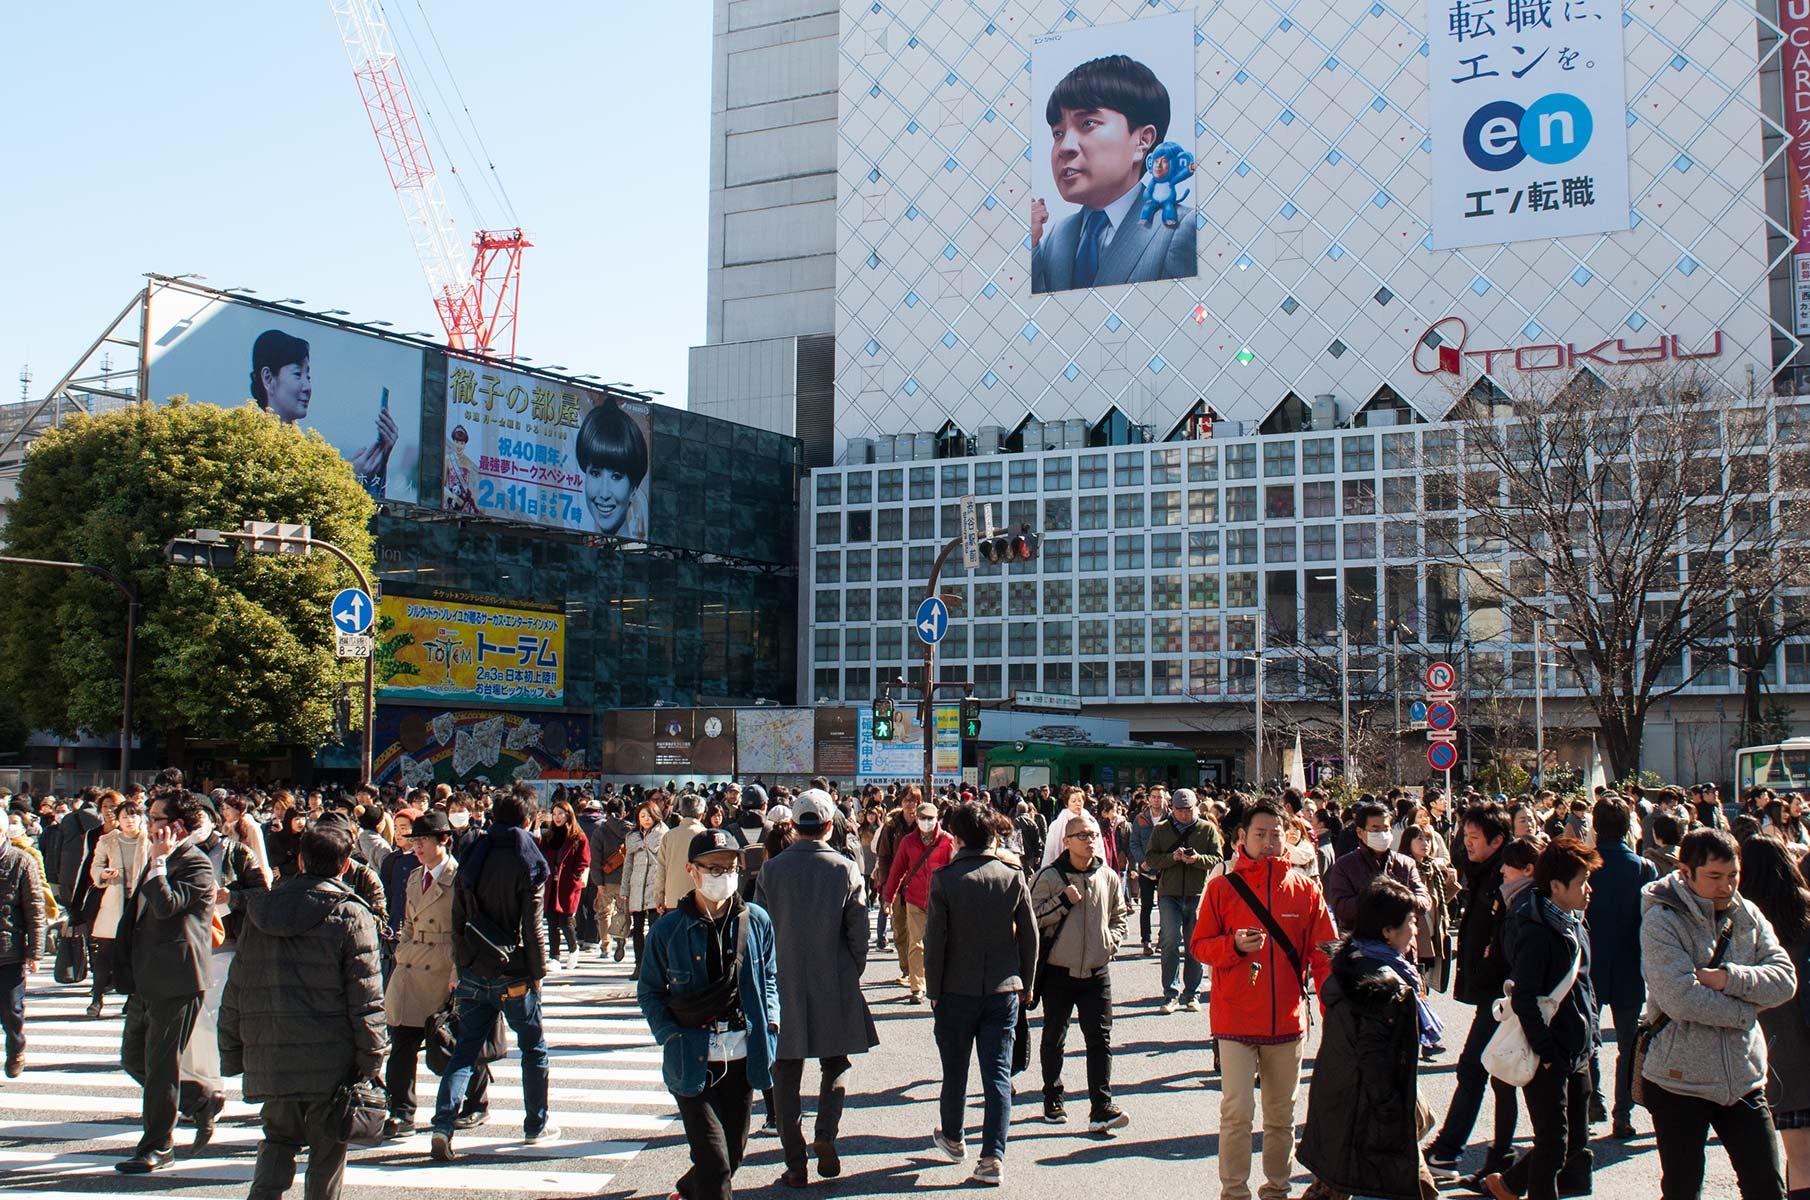 Fußgängerkreuzung in Shibuya in Tokyo, Japan